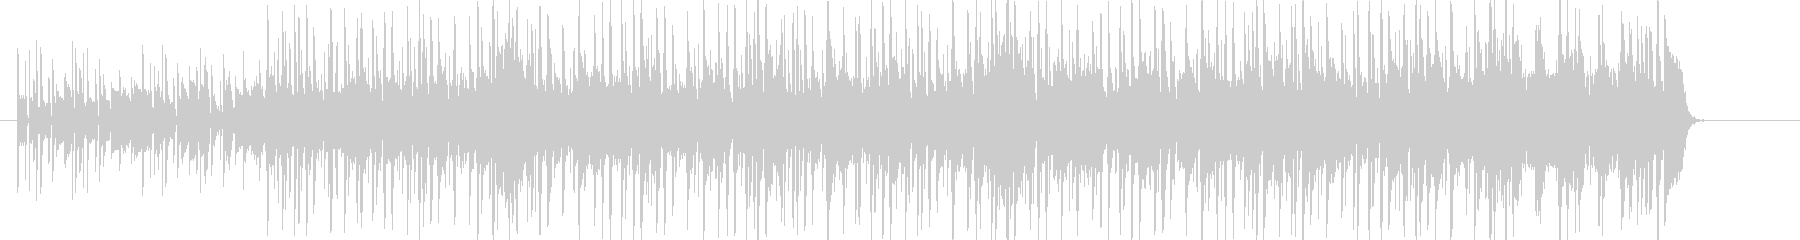 スラップベースが特徴的なワイルドファンクの未再生の波形